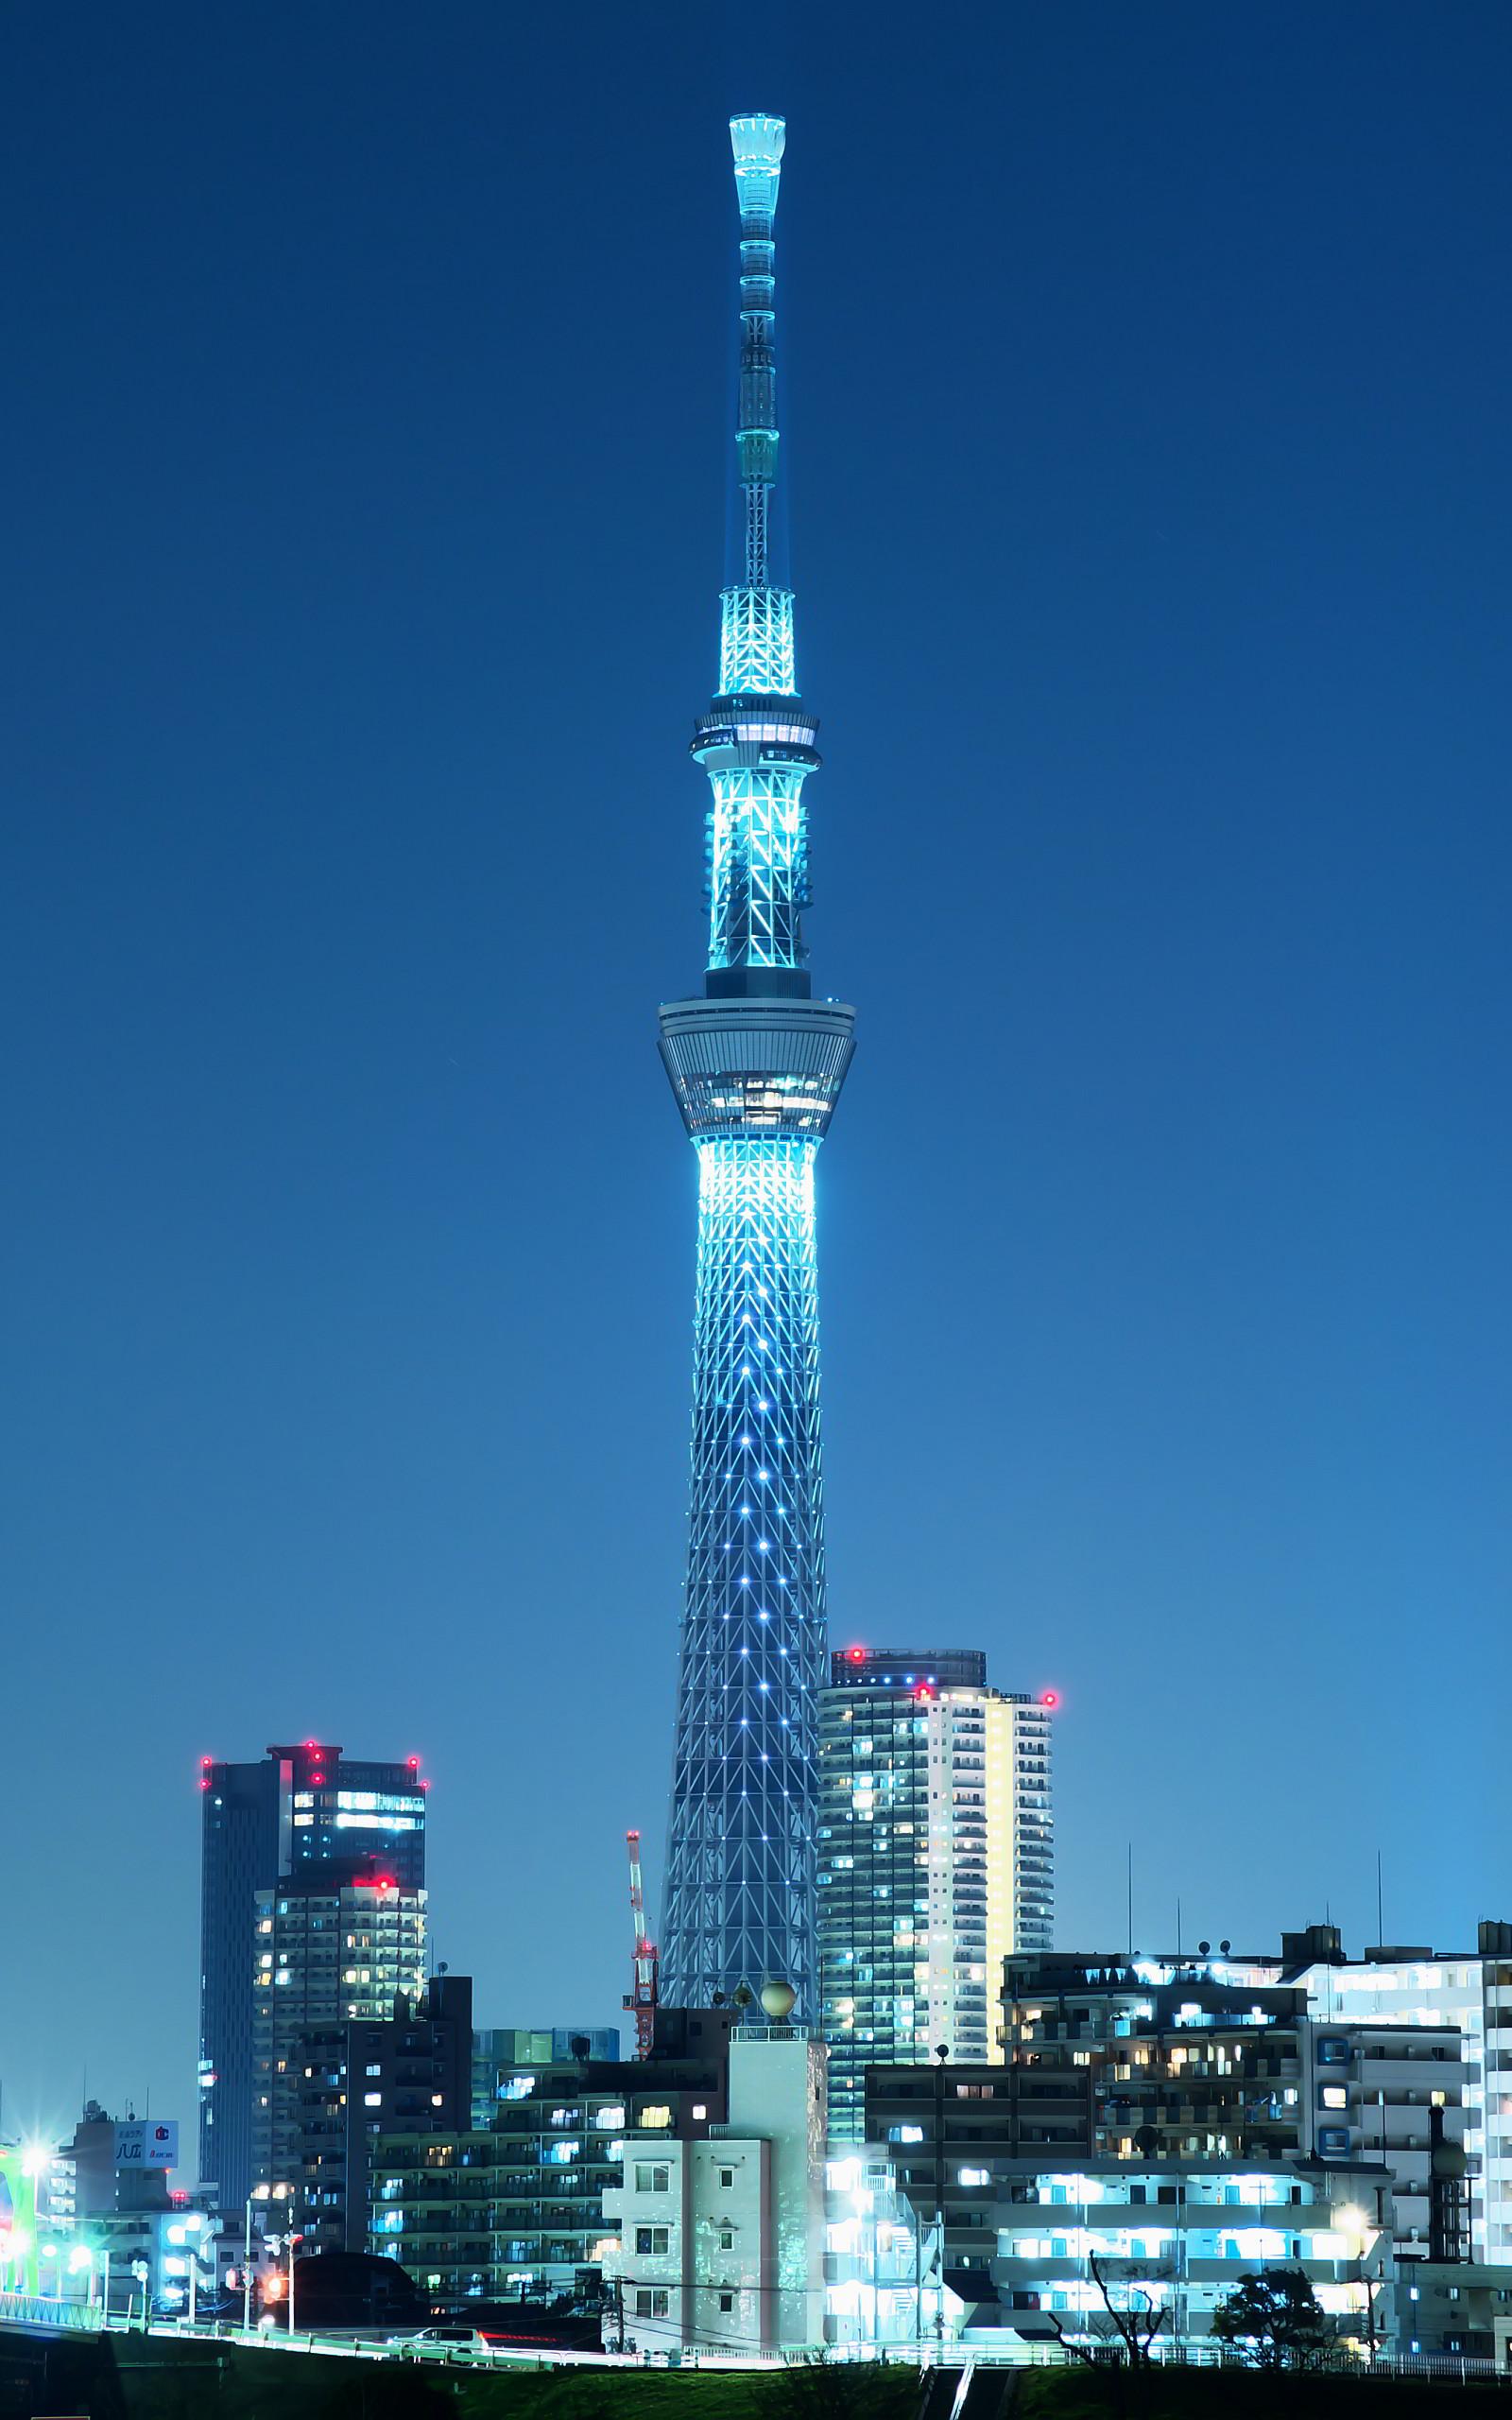 好き勝手に 壁紙 照明点灯 東京スカイツリー 1600x2560